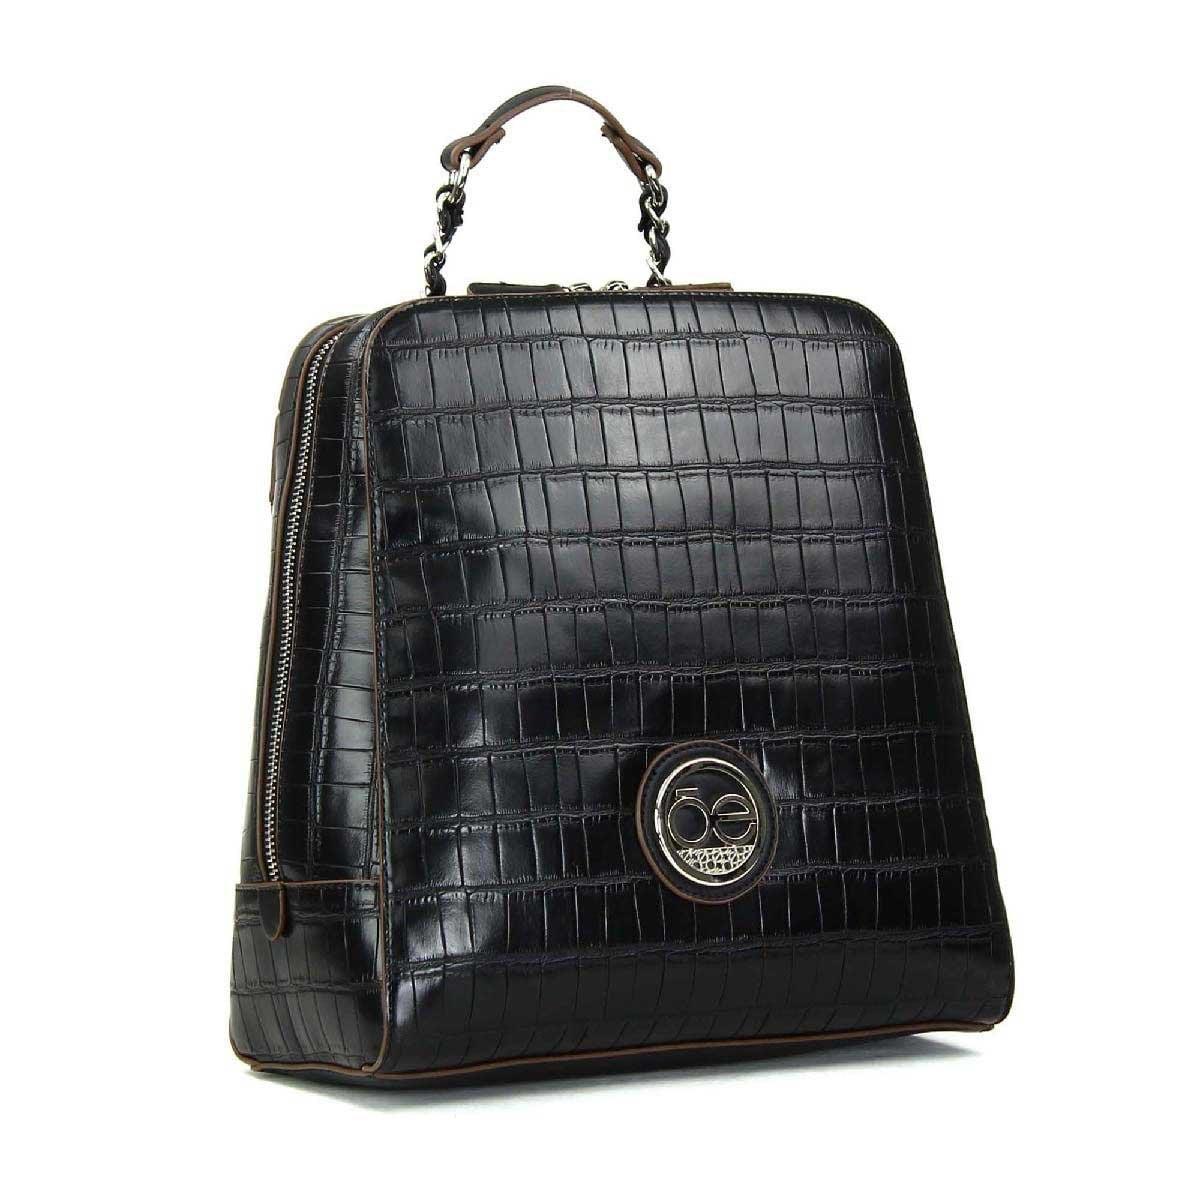 Backpack Negra en Material con Textura de Cocodrilo Cloe